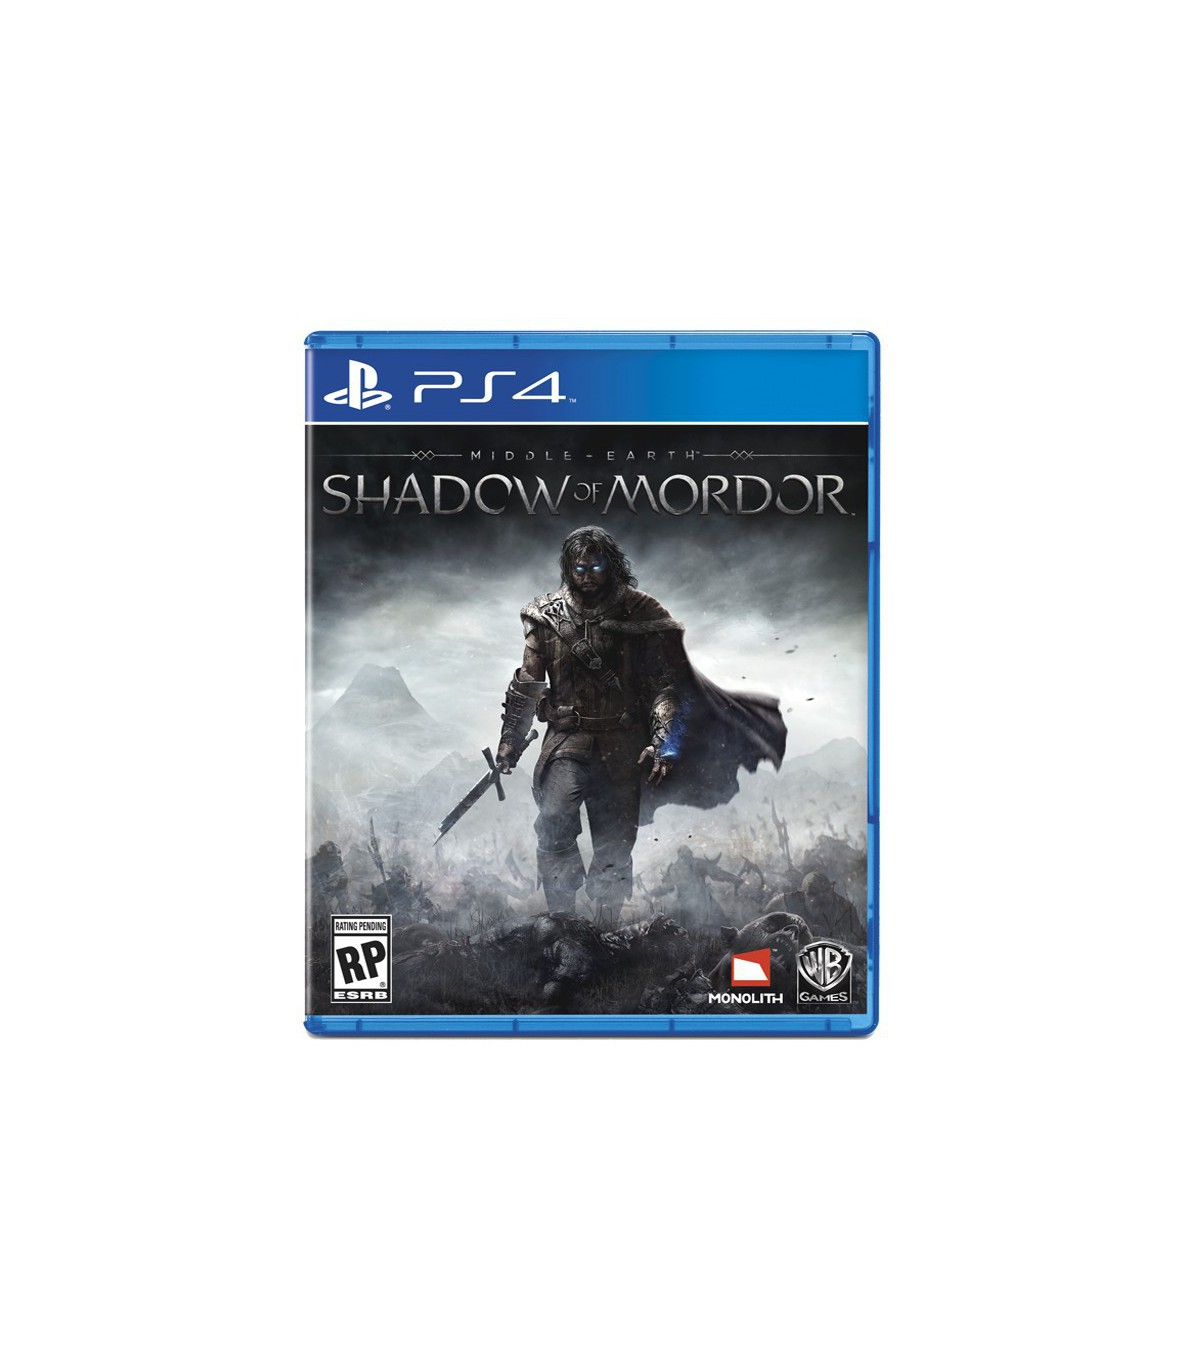 بازی Shadow of Mordor کارکرده - پلی استیشن ۴